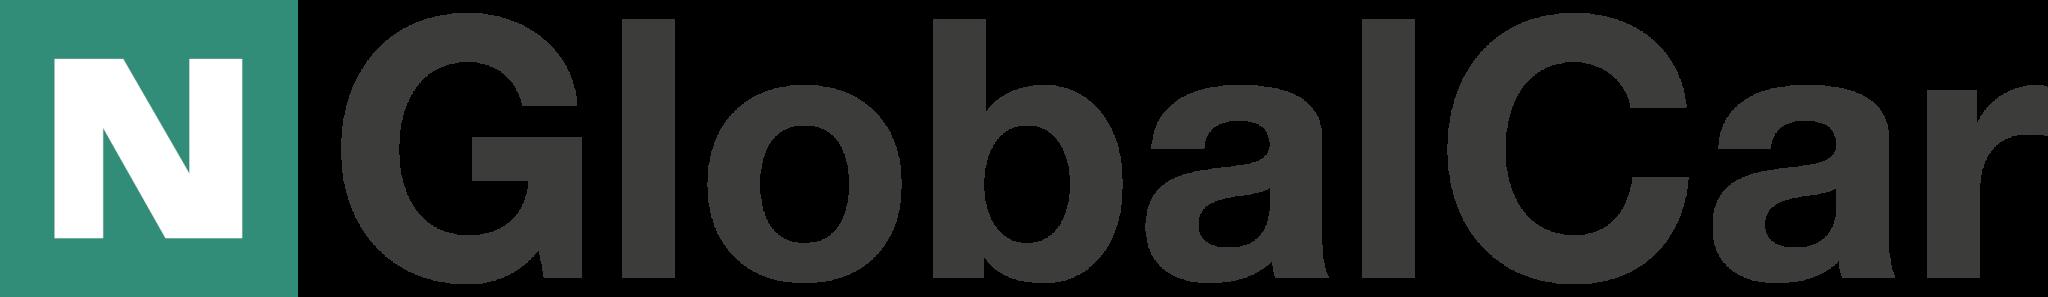 GlobalCar helpt u met uw auto export en auto import